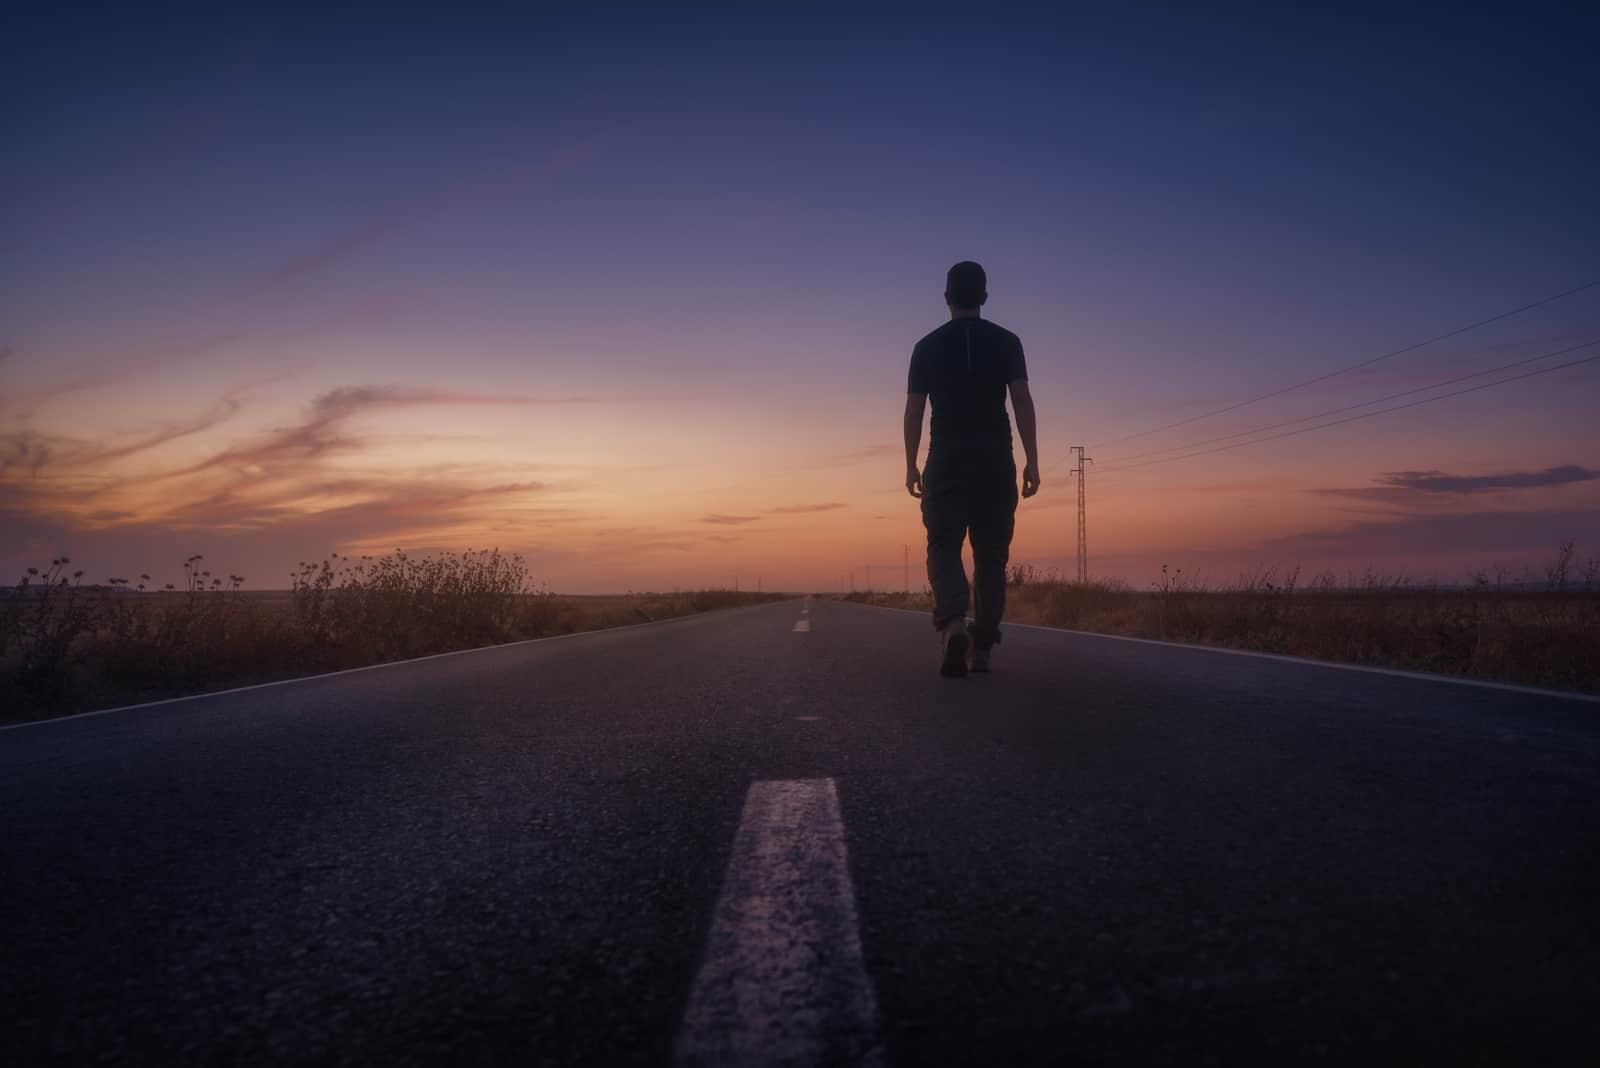 un homme marche dans la rue le dos tourné